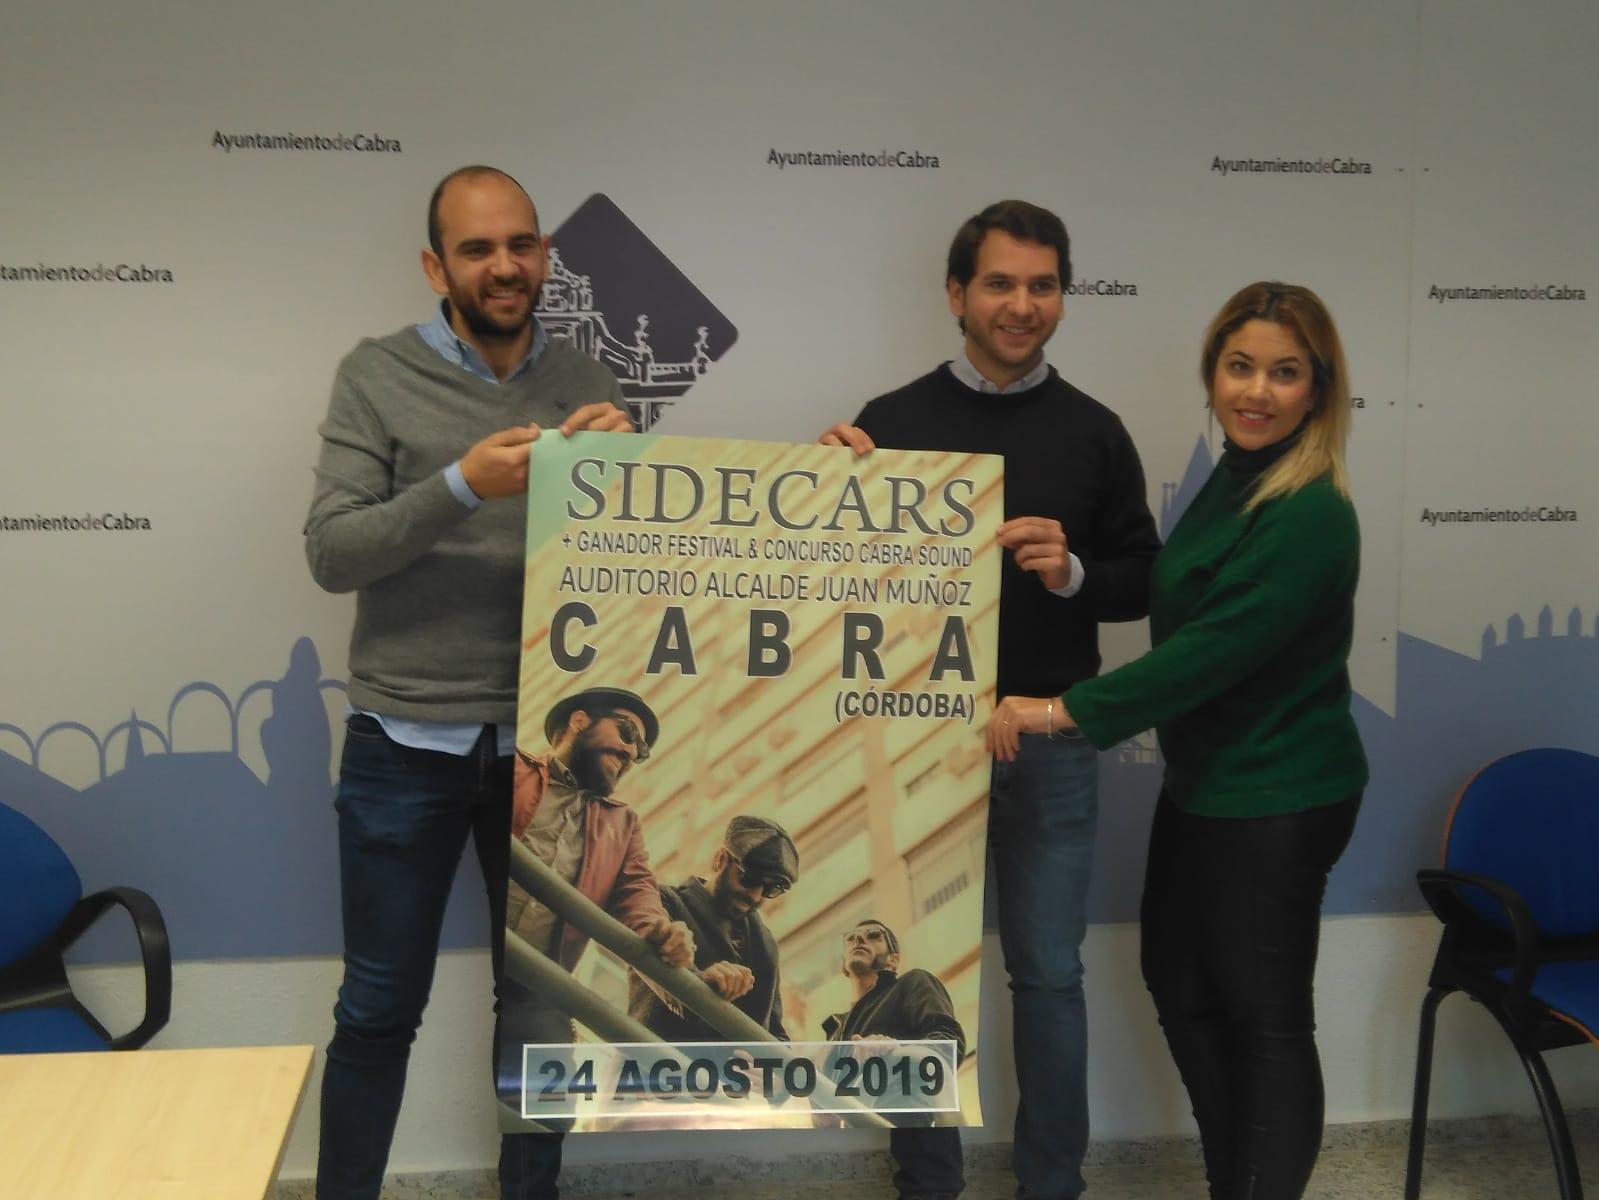 Los madrileños Sidecars se unen a la programación de verano en el Auditorio Alcalde Juan Muñoz